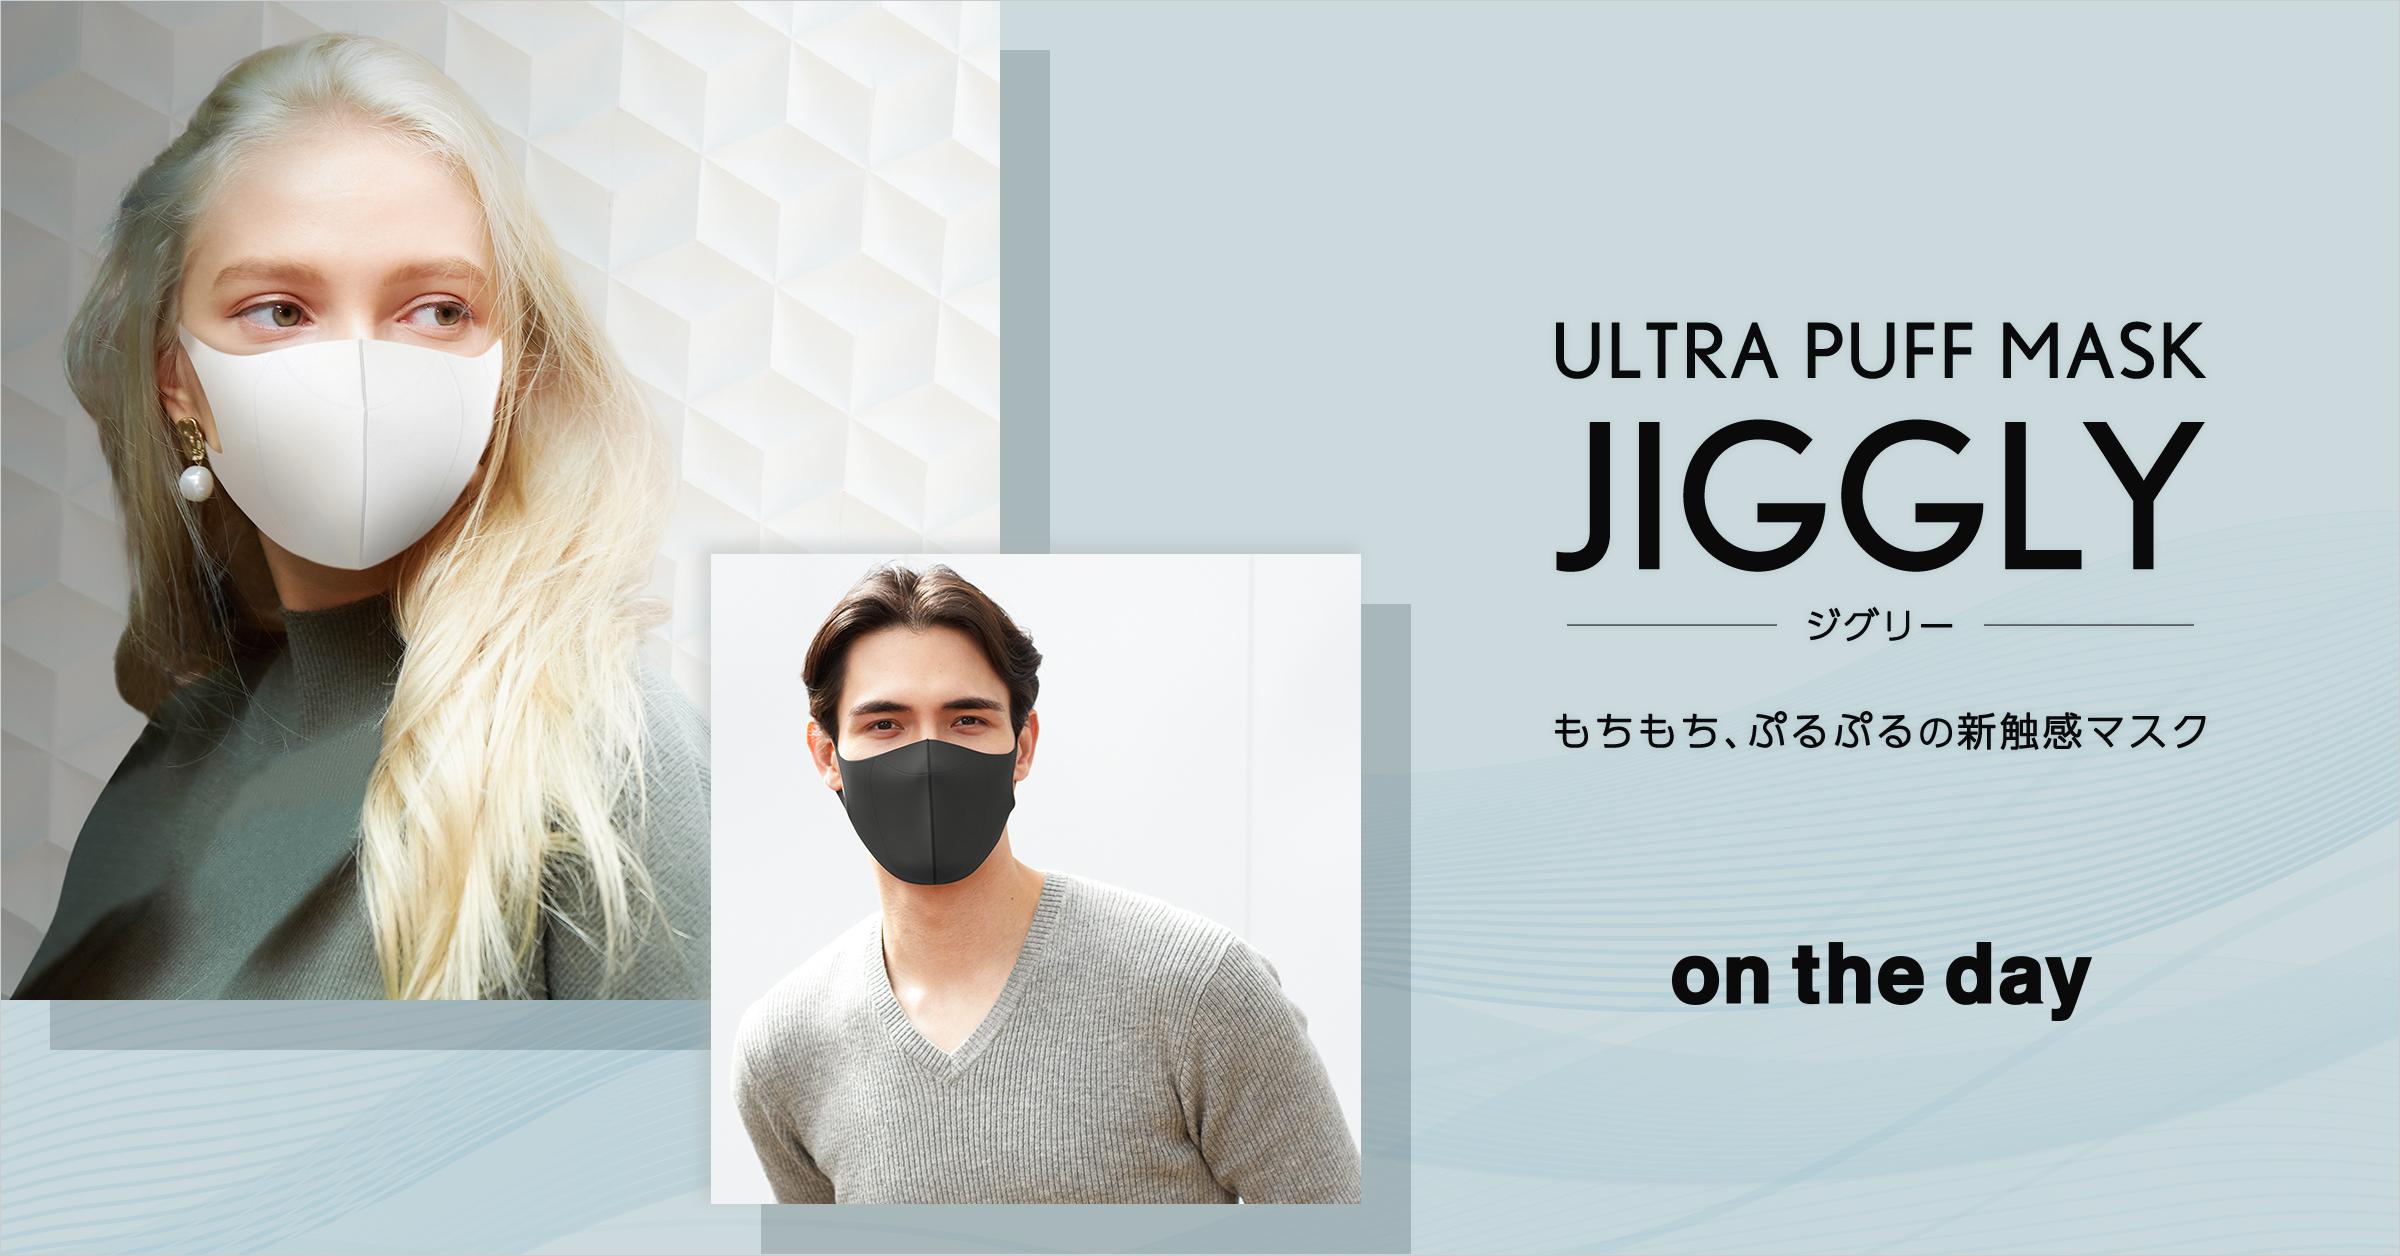 ウルトラパフマスク【JIGGLY】